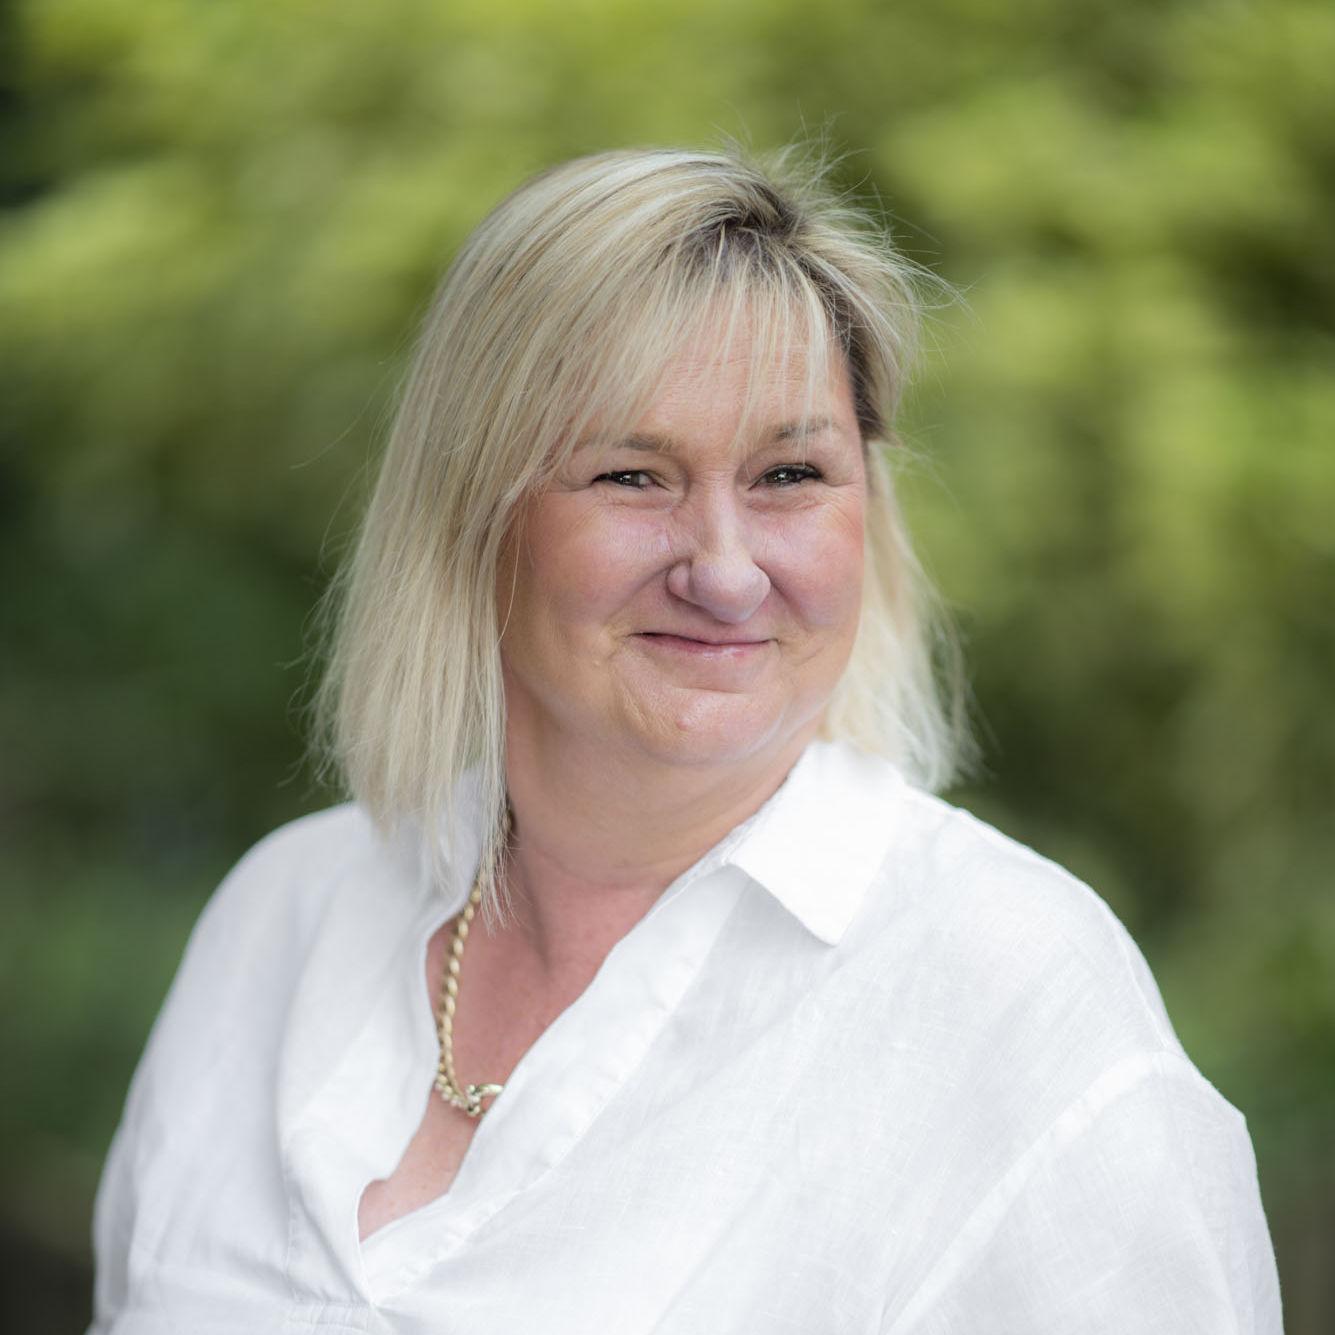 Sharon Overton